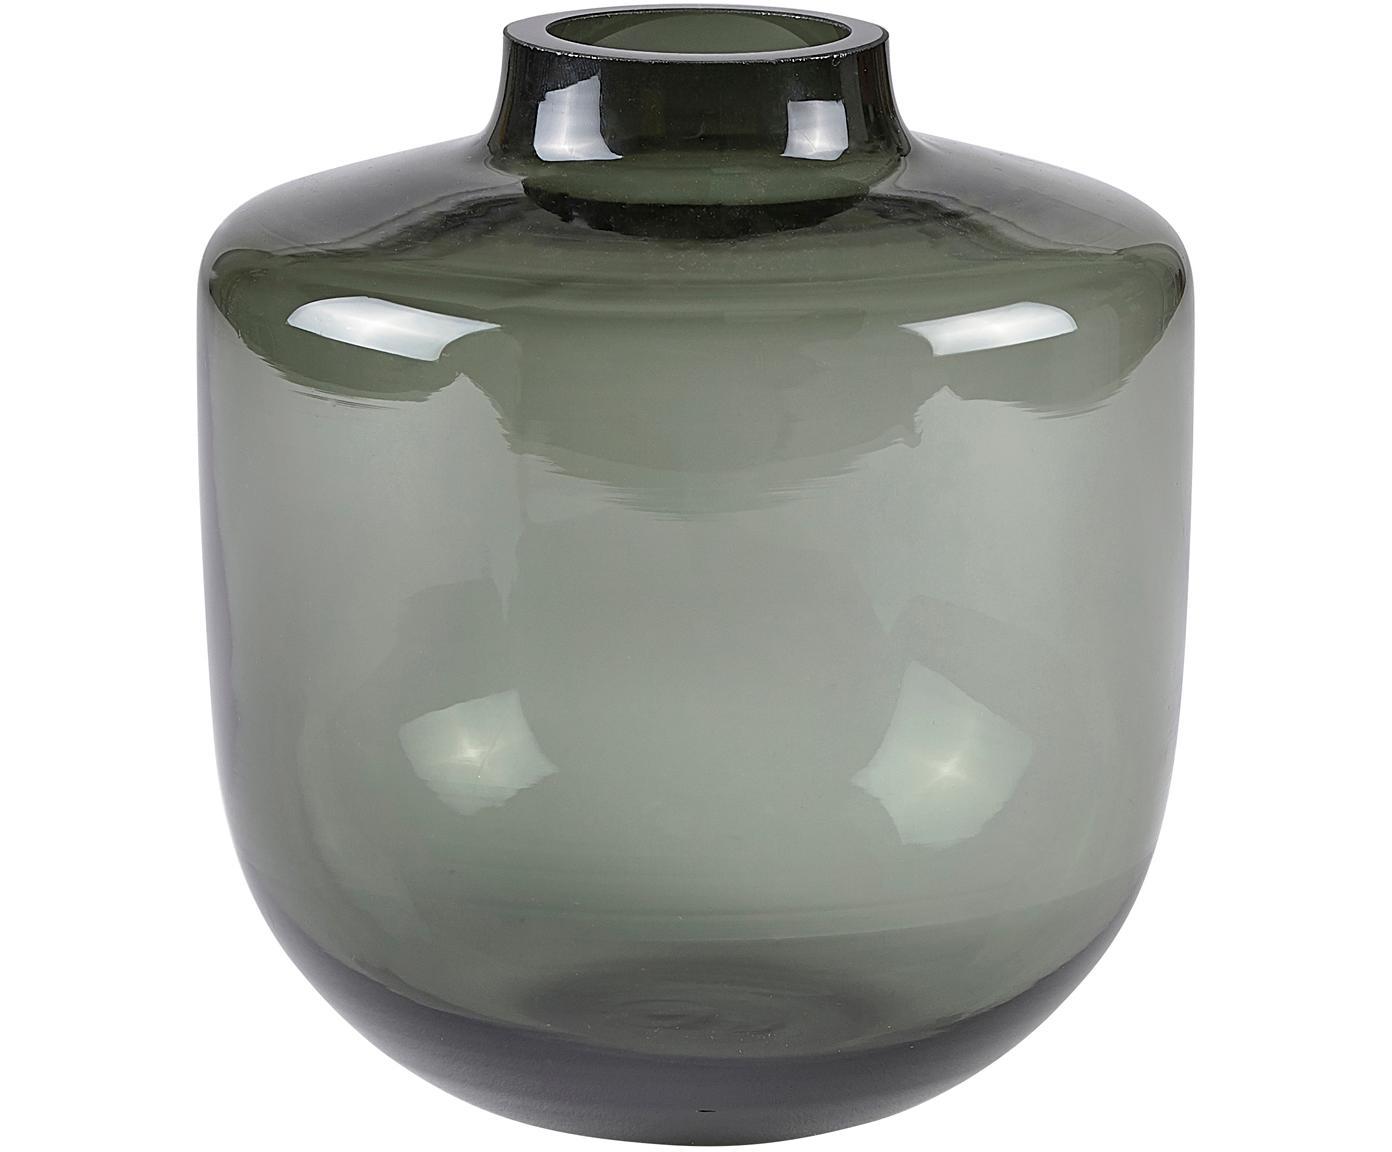 Vaas Ragu, Glas, Grijs, transparant, Ø 15 x H 16 cm